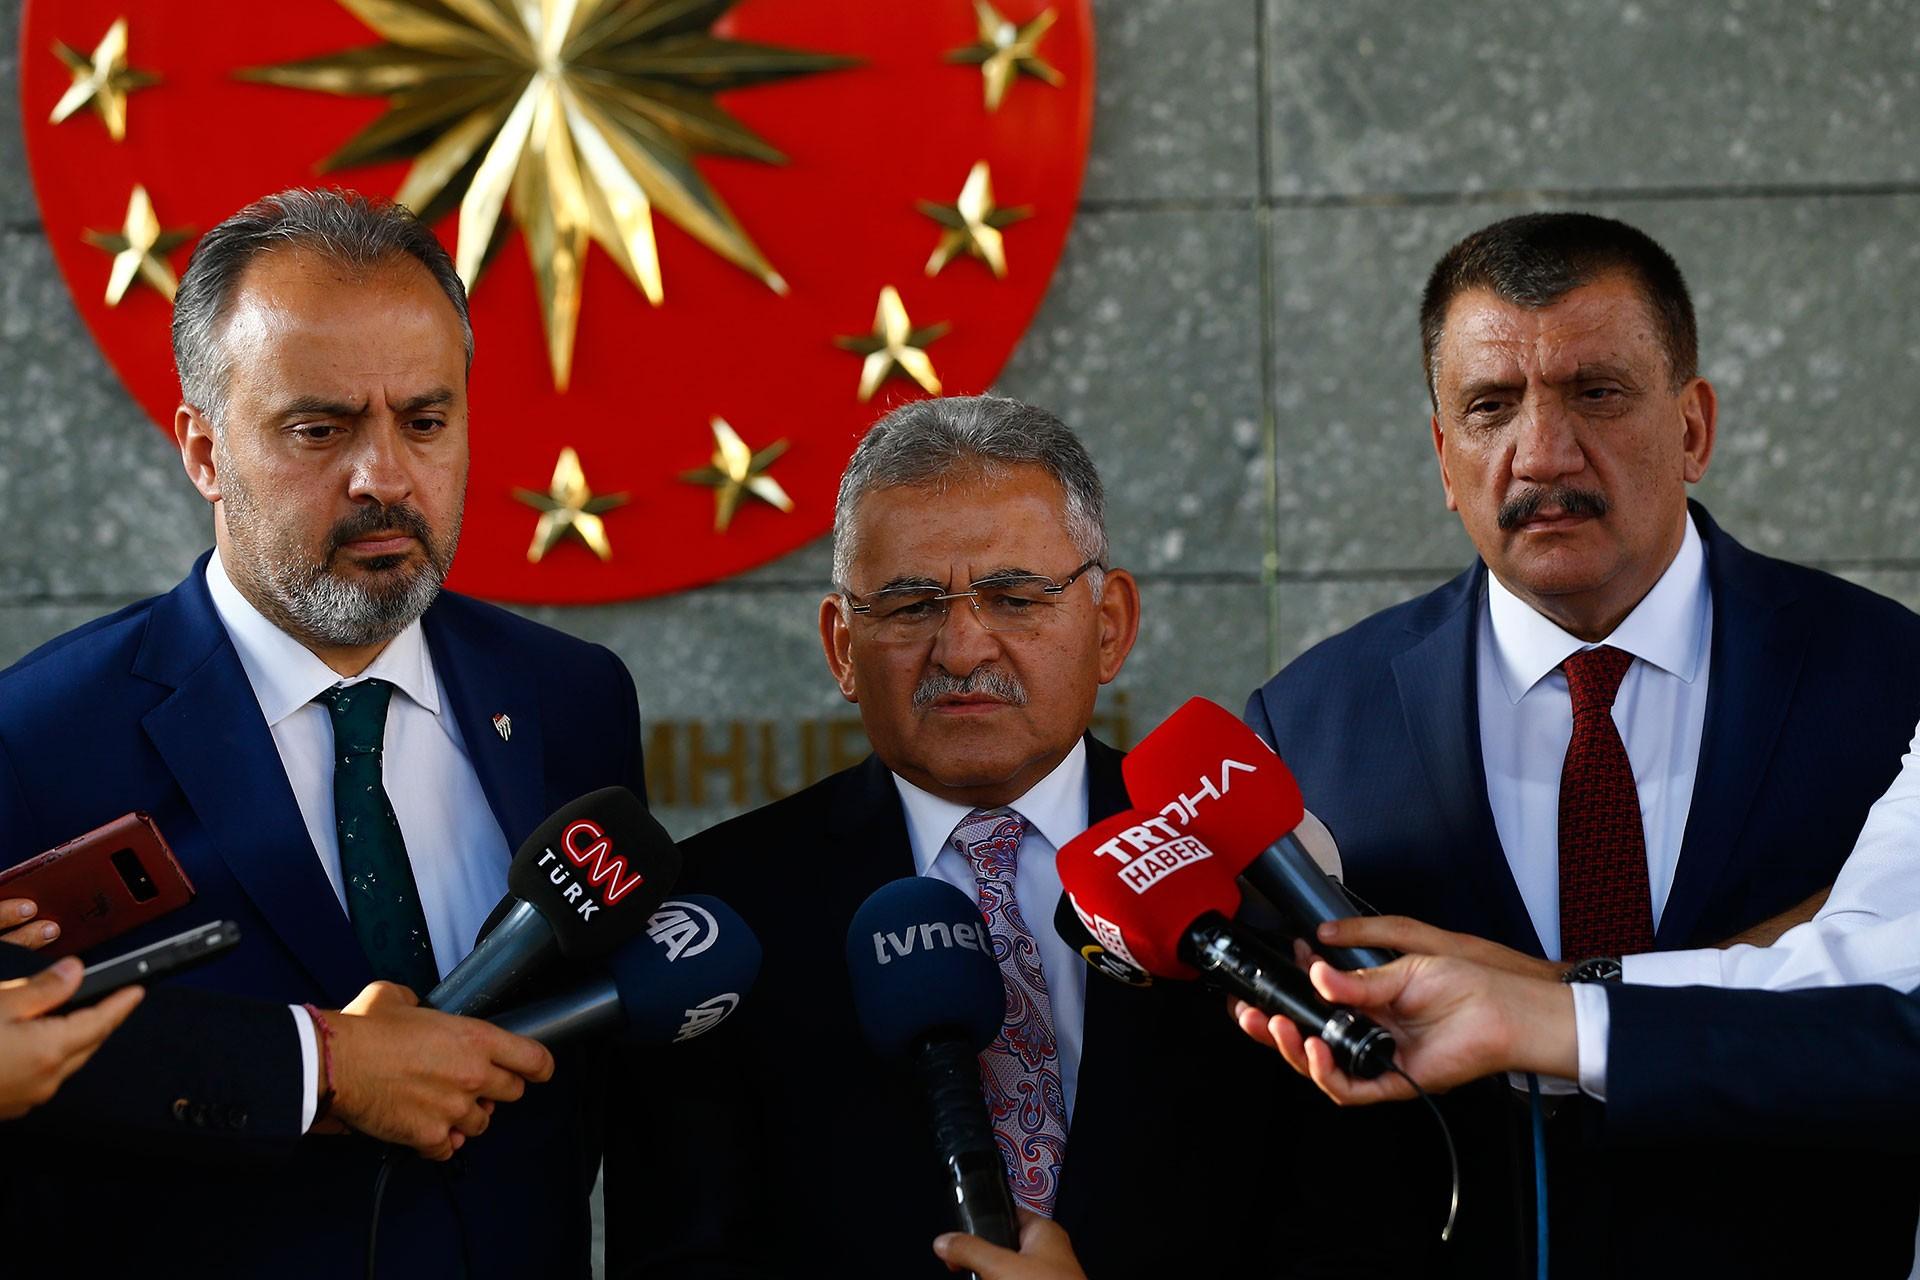 Bursa Büyükşehir Belediye Başkanı Alinur Aktaş(solda), Kayseri Büyükşehir Belediye Başkanı Memduh Büyükkılıç (ortada) ve Malatya Büyükşehir Belediye Başkanı Selahattin Gürkan(sağda)